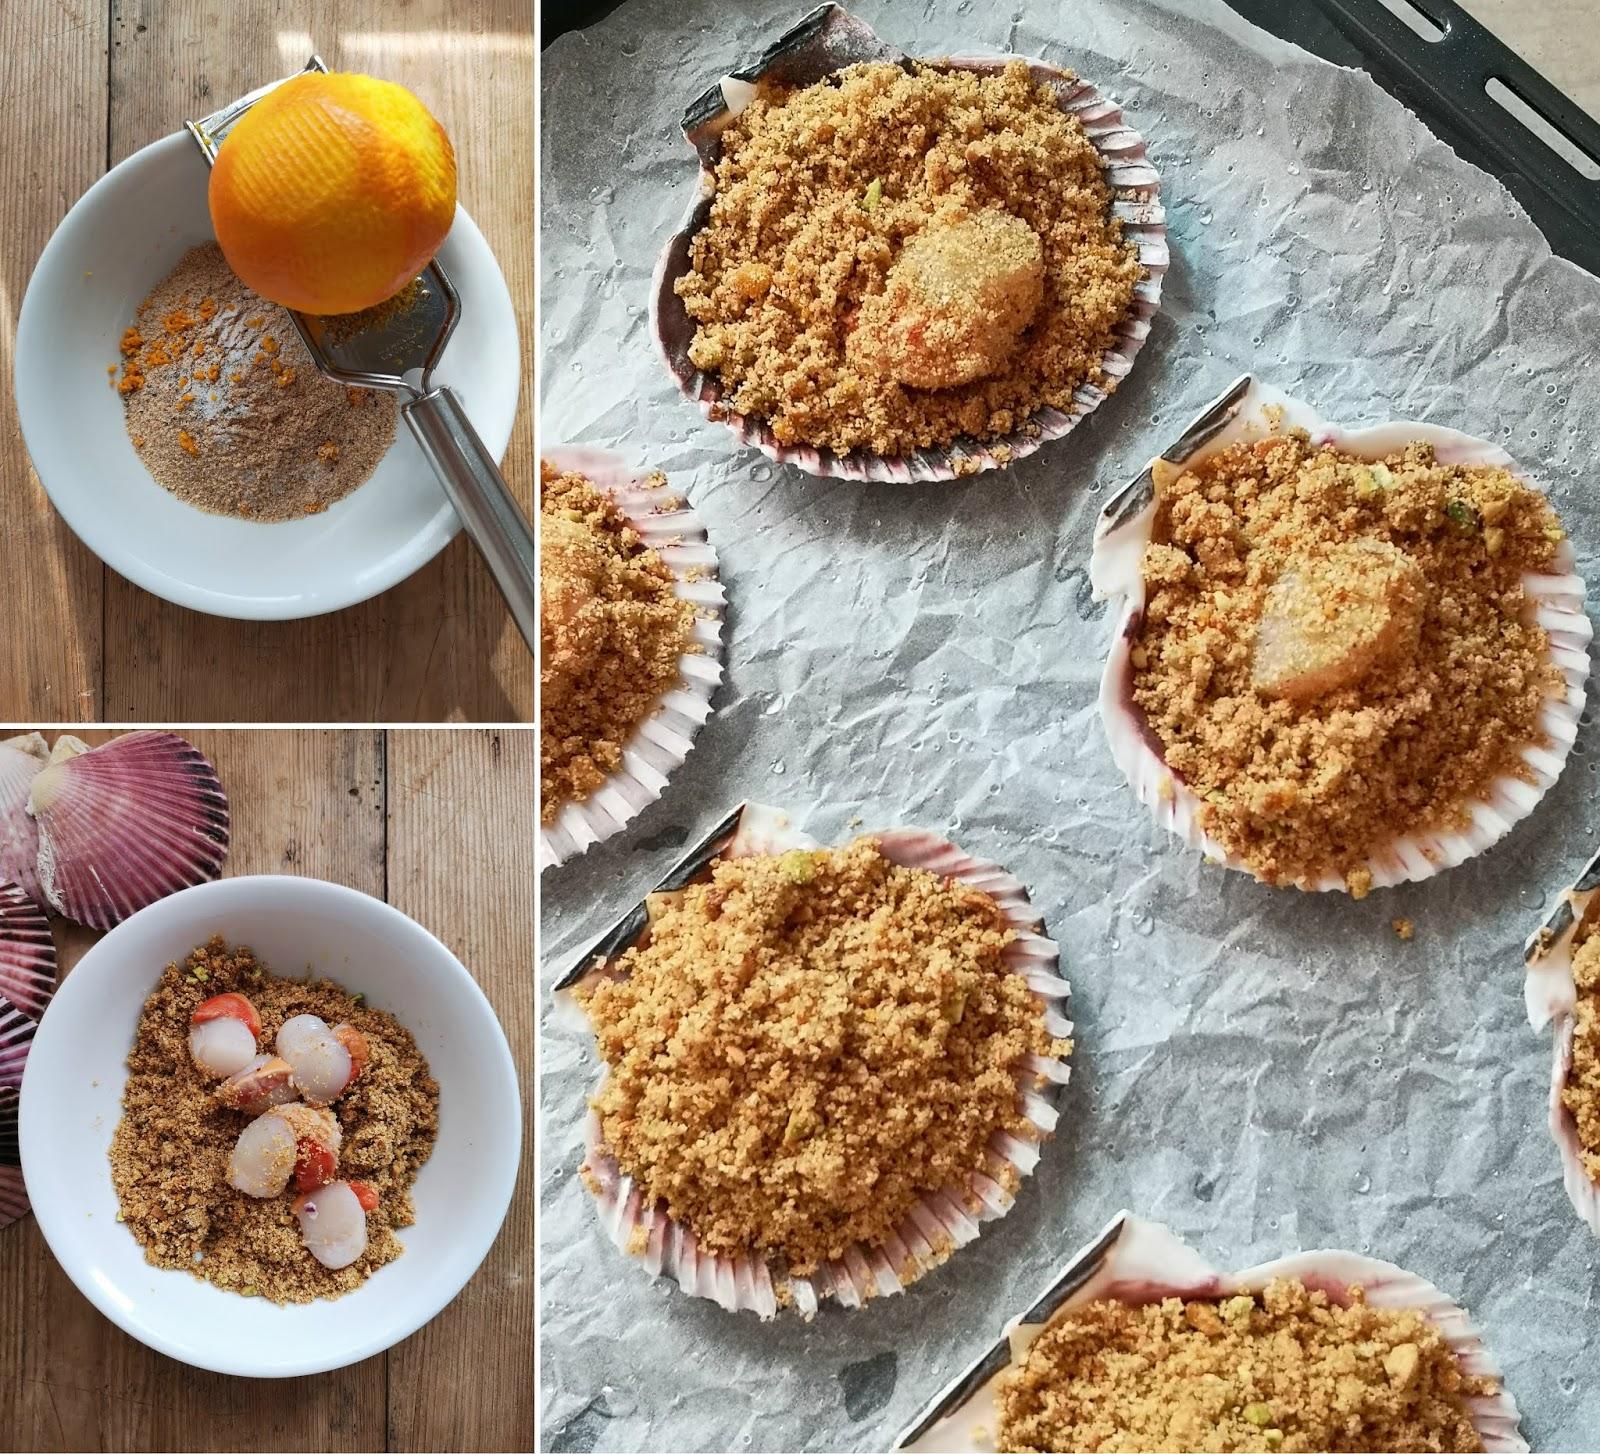 capesante gratinate con pistacchi e scorza d'arancia